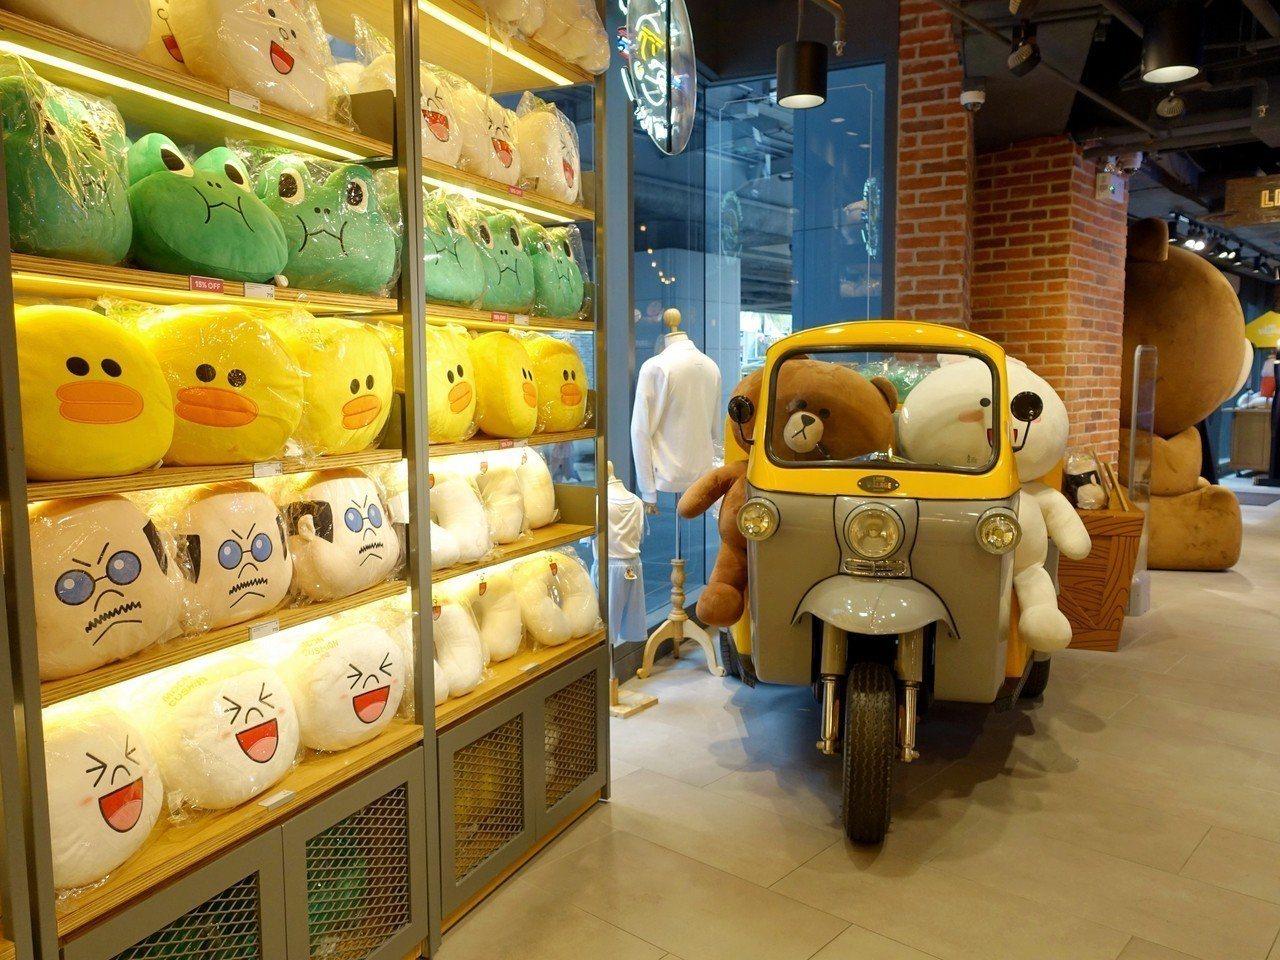 LINE VILLAGE STORE有許多韓國進口周邊商品。記者張芳瑜/攝影